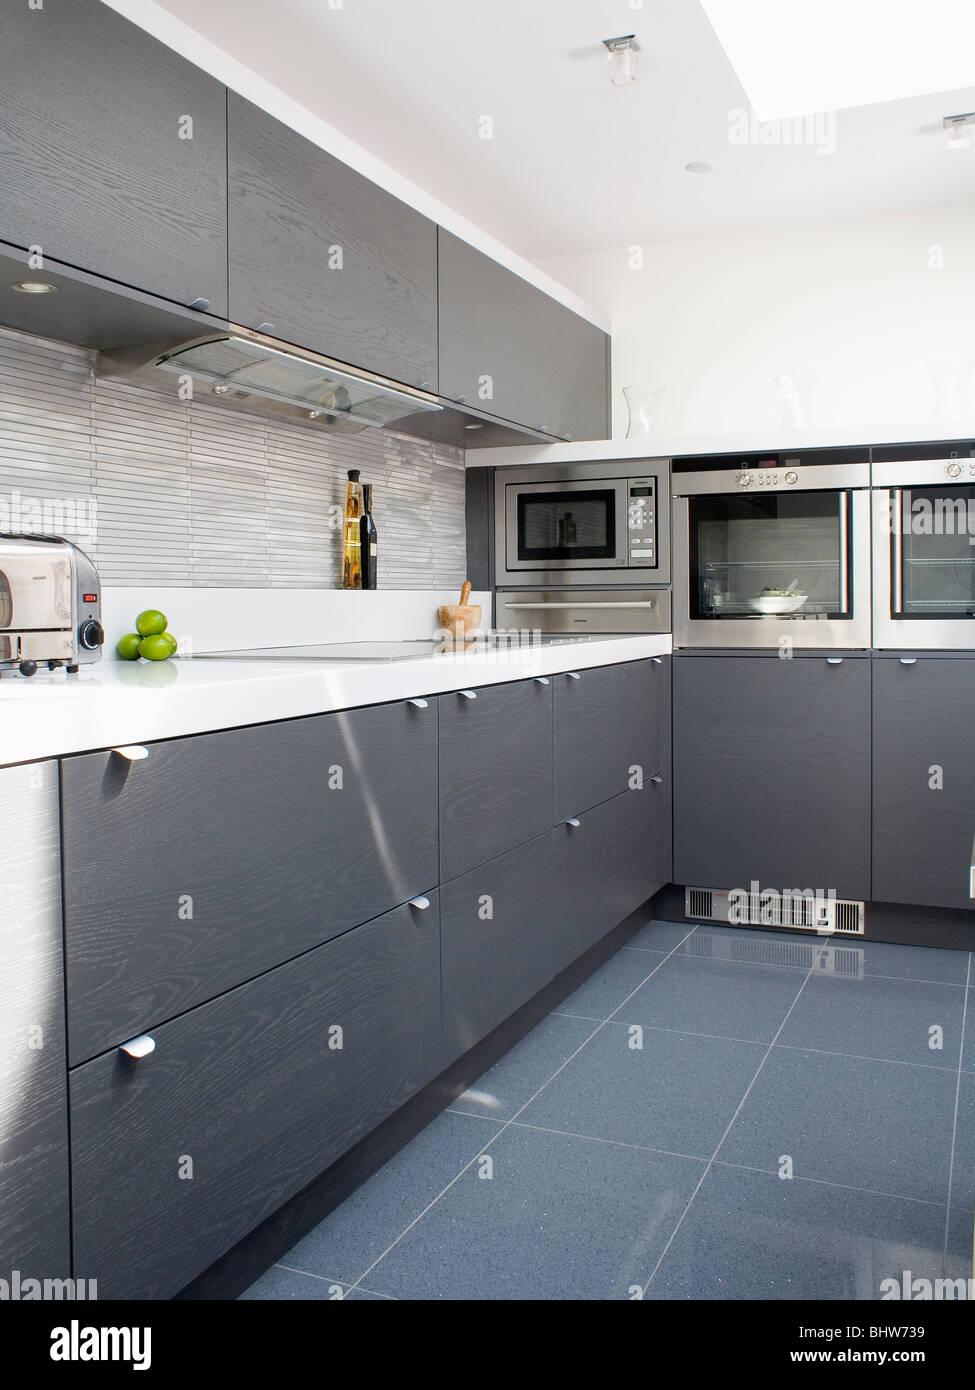 Grigio piastrelle da pavimento in una moderna cucina bianca con ...